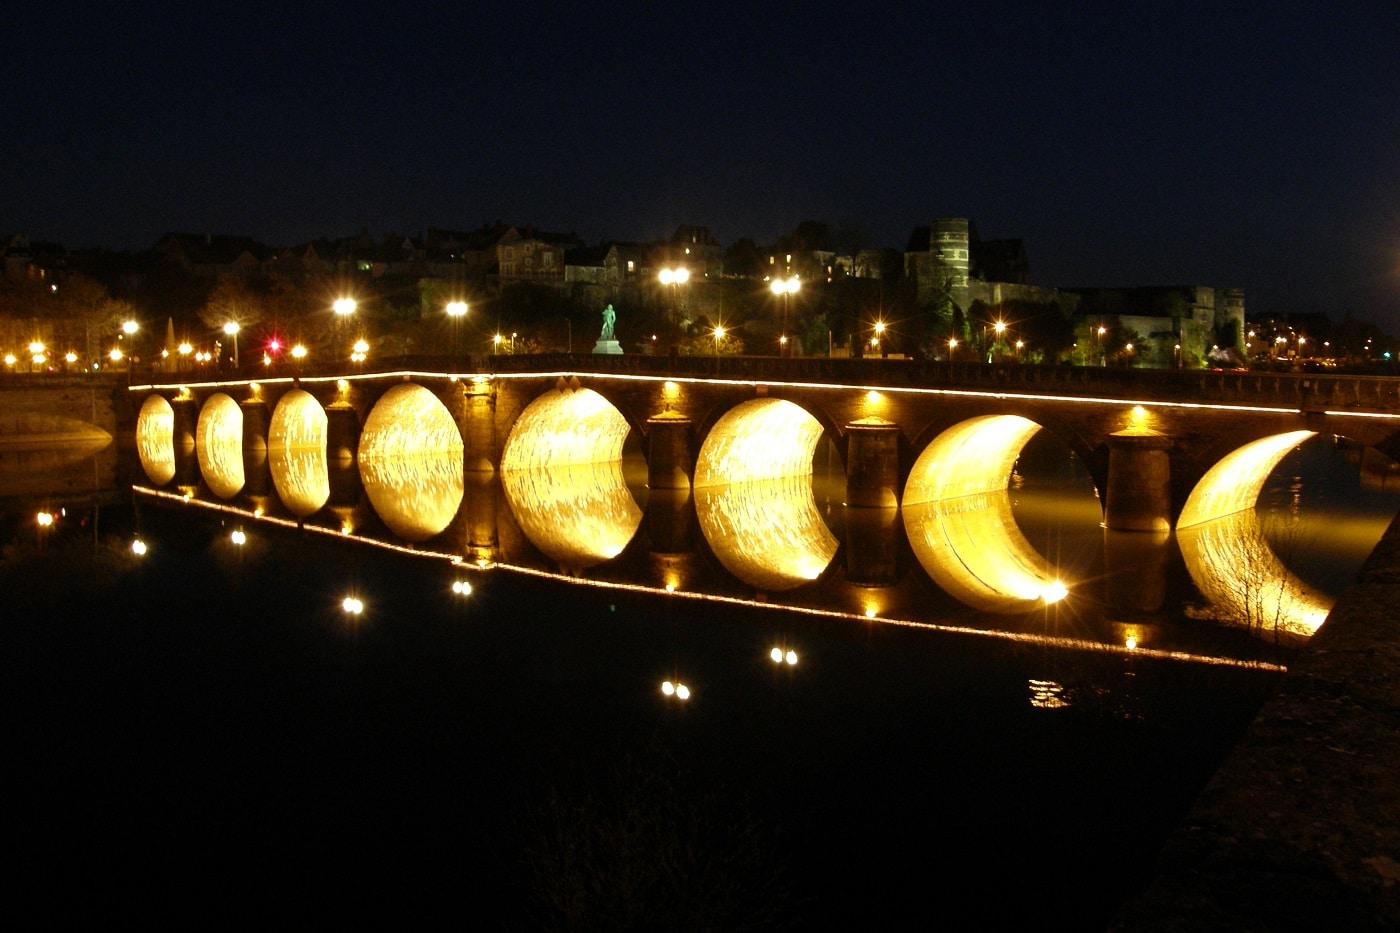 Podul care uneşte cele două maluri ale Râului Maine